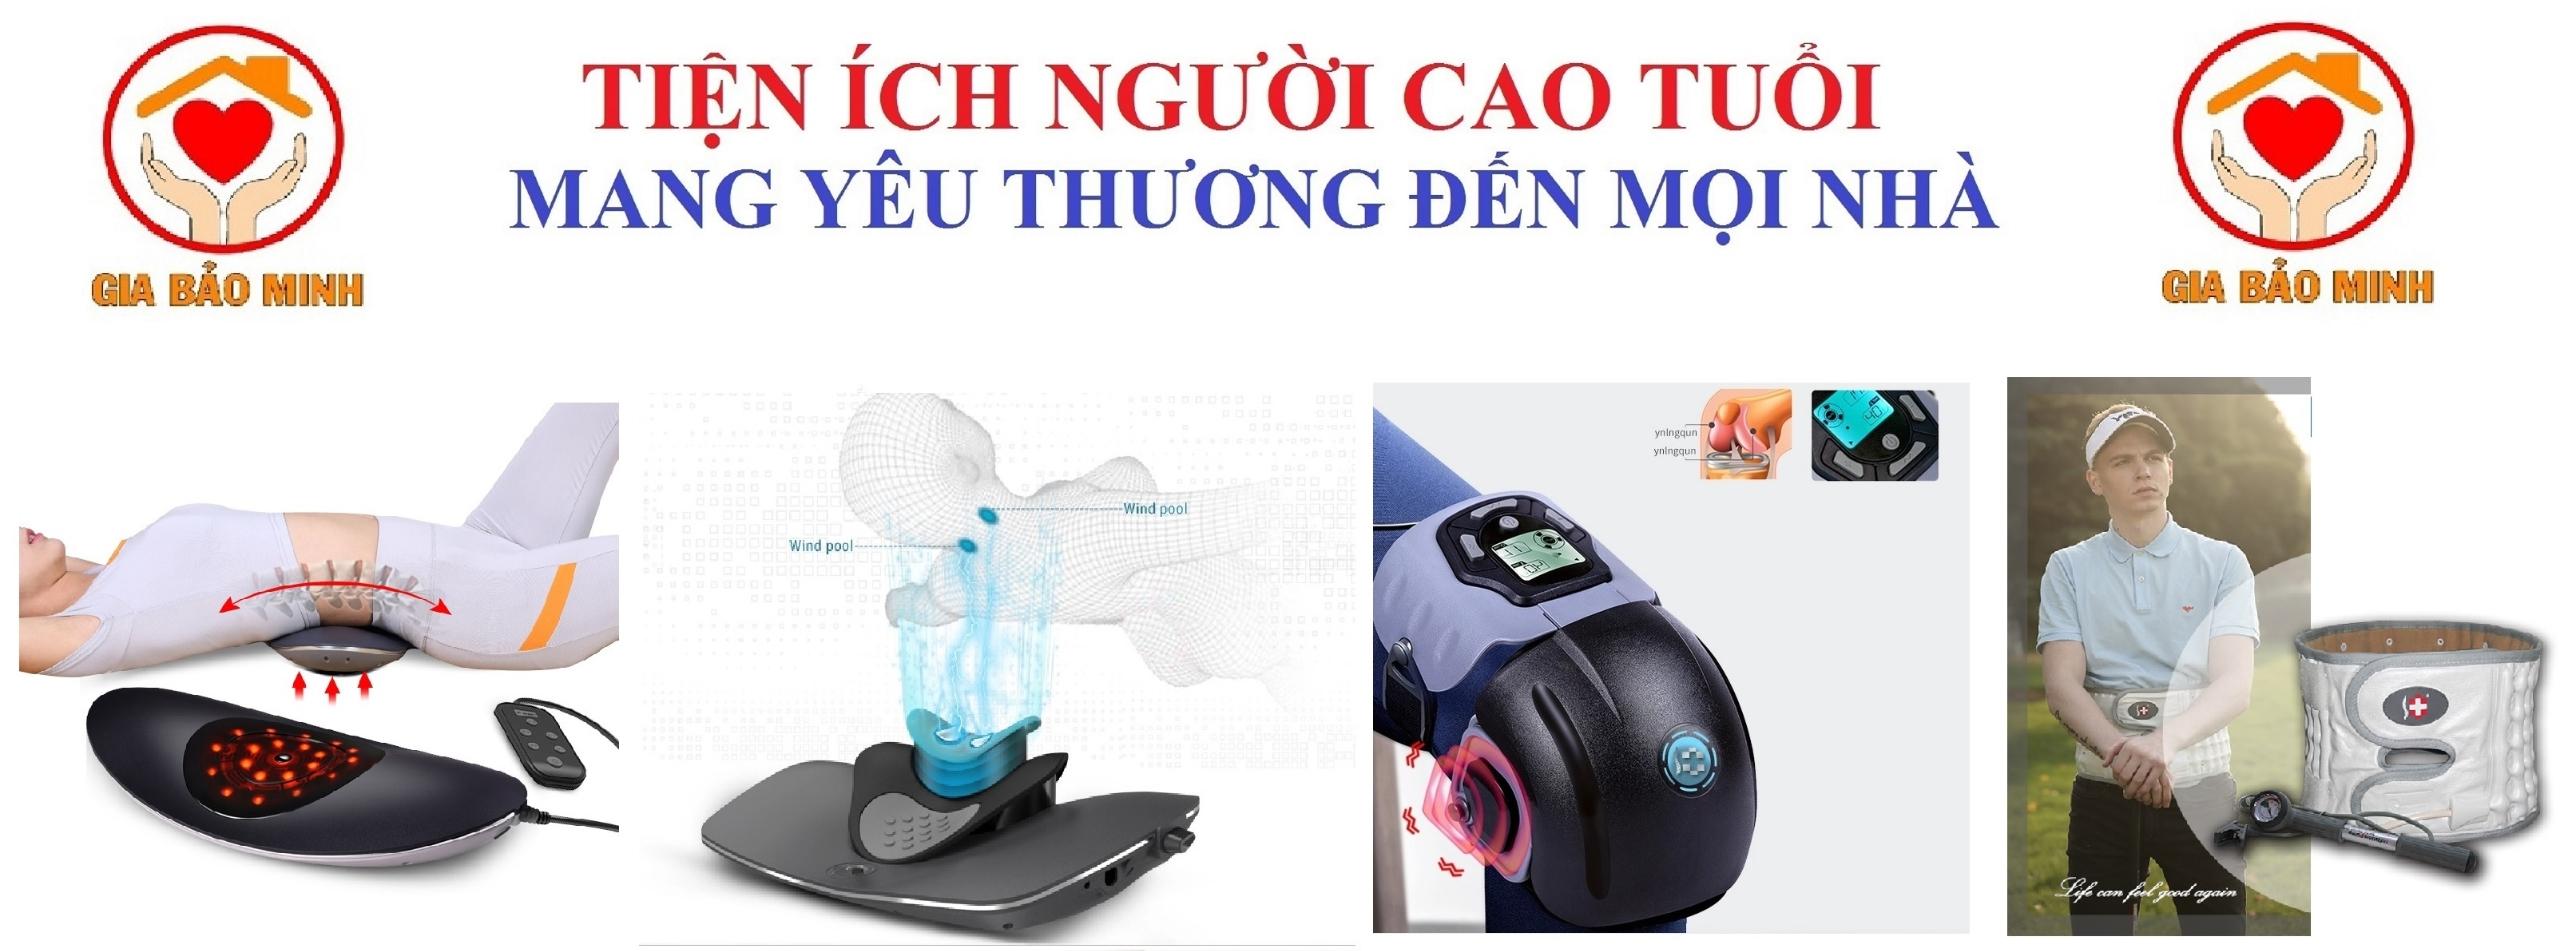 tien ich nguoi cao tuoi (@tienichnguoicaotuoi) Cover Image